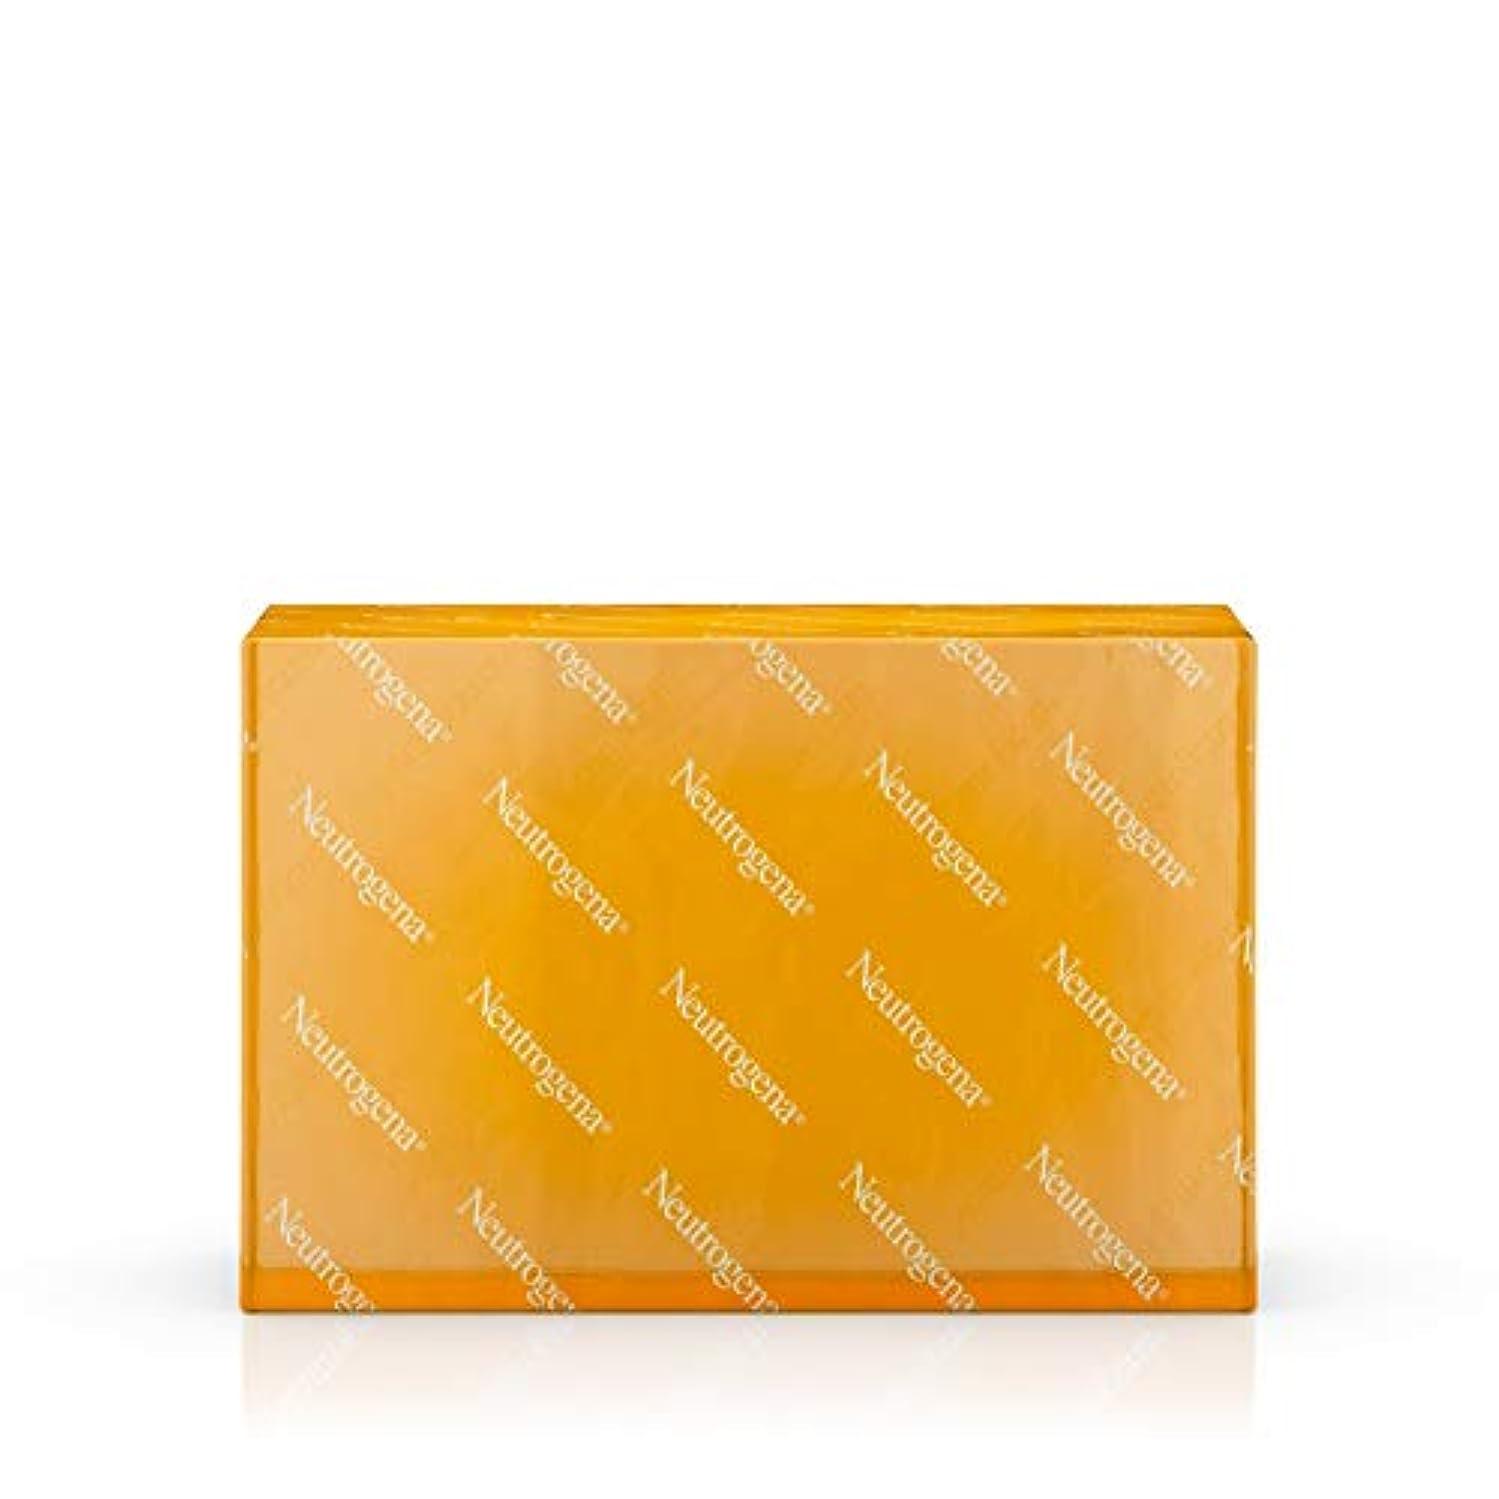 火曜日テーブル覗く海外直送品 Neutrogena Neutrogena Transparent Facial Bar Soap Fragrance Free, Fragrance Free 3.5 oz